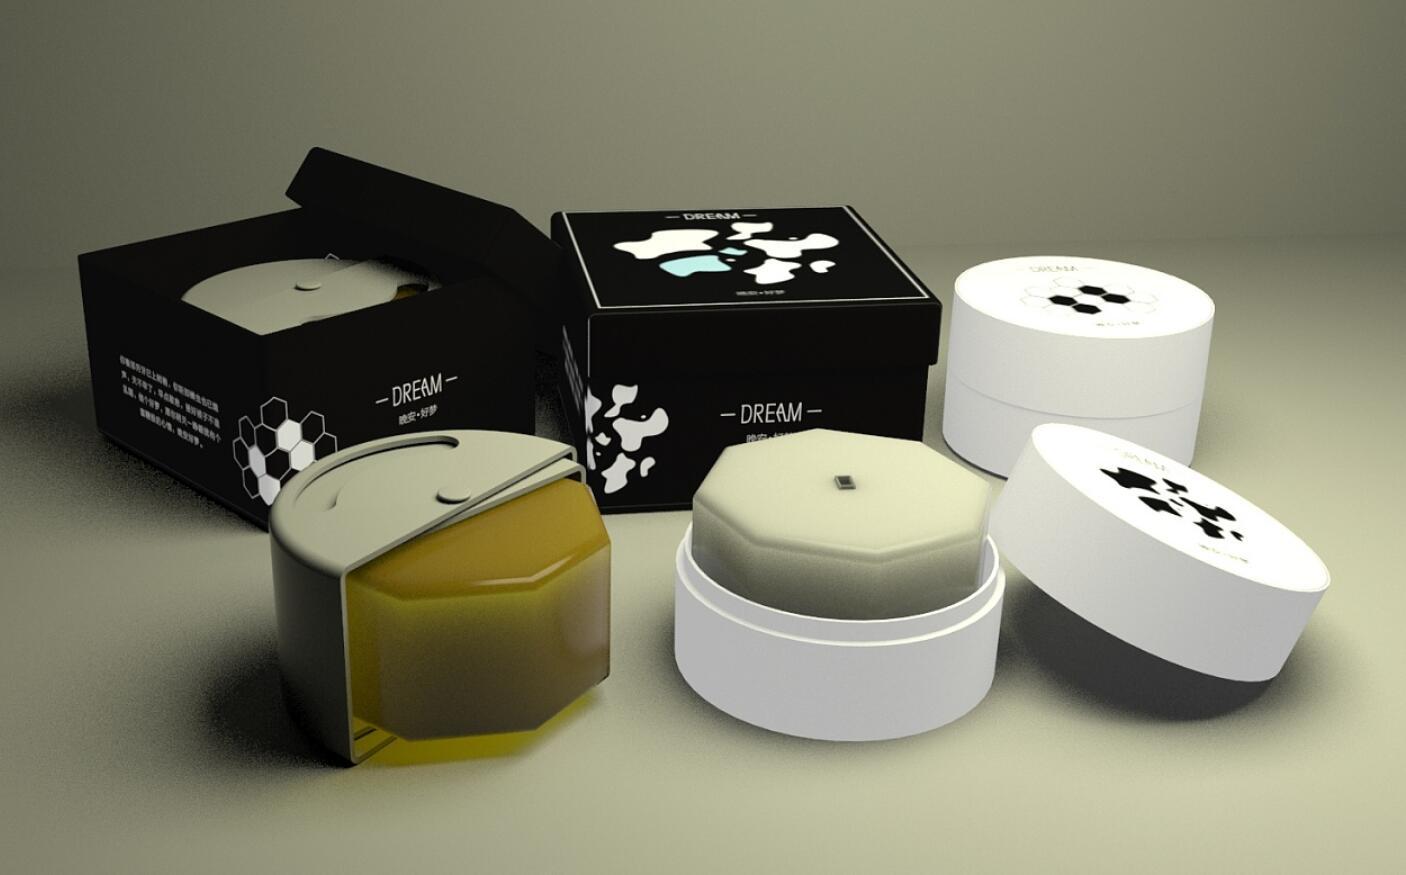 肥皂盒包裝設計的注意事項